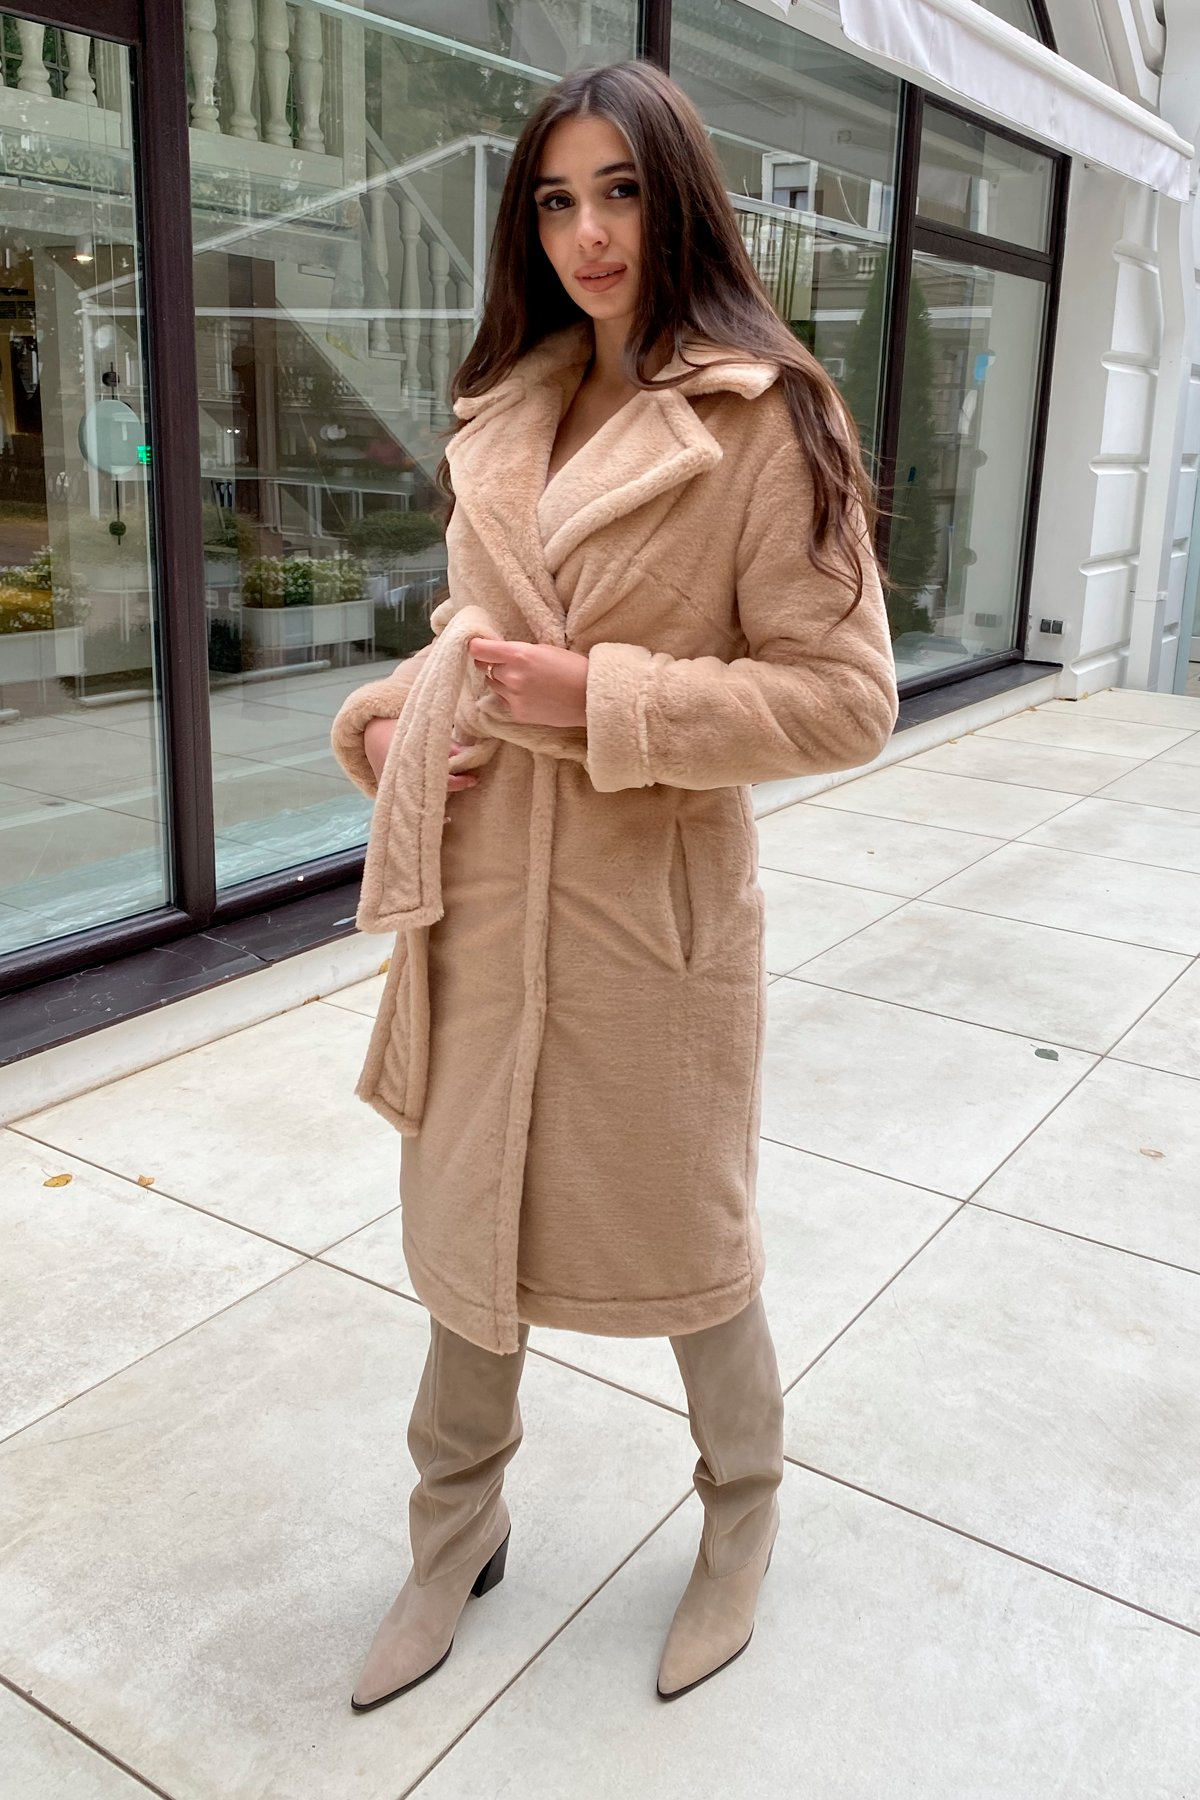 Зимнее пальто из искусственного меха норки Саманта 8641 АРТ. 44956 Цвет: Бежевый - фото 19, интернет магазин tm-modus.ru